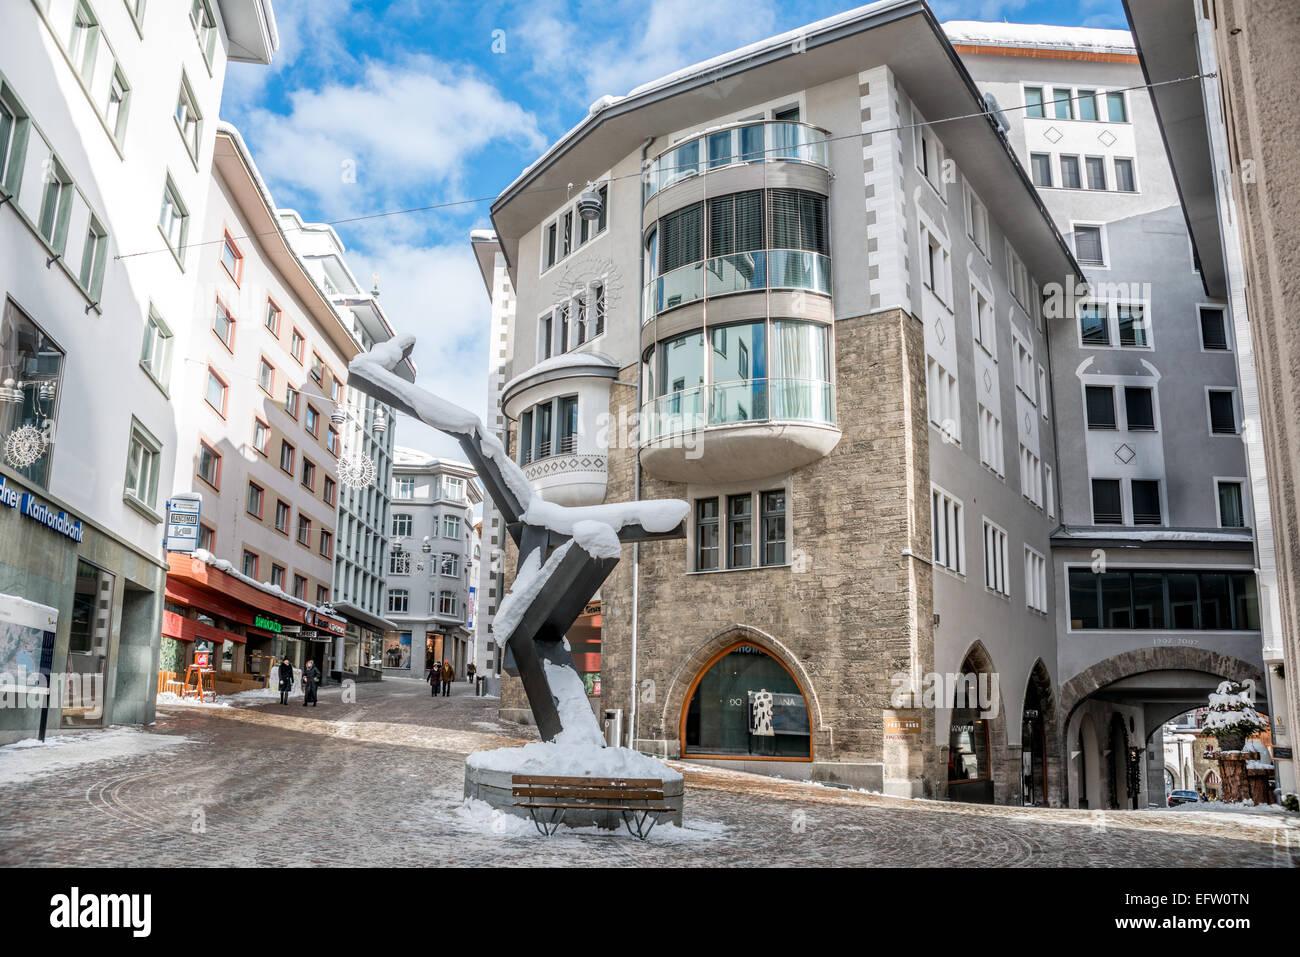 Town center of St.Moritz, Grisons, Switzerland   Im Stadtzentrum von St.Moritz Dorf, Graubuenden, Schweiz Stock Photo